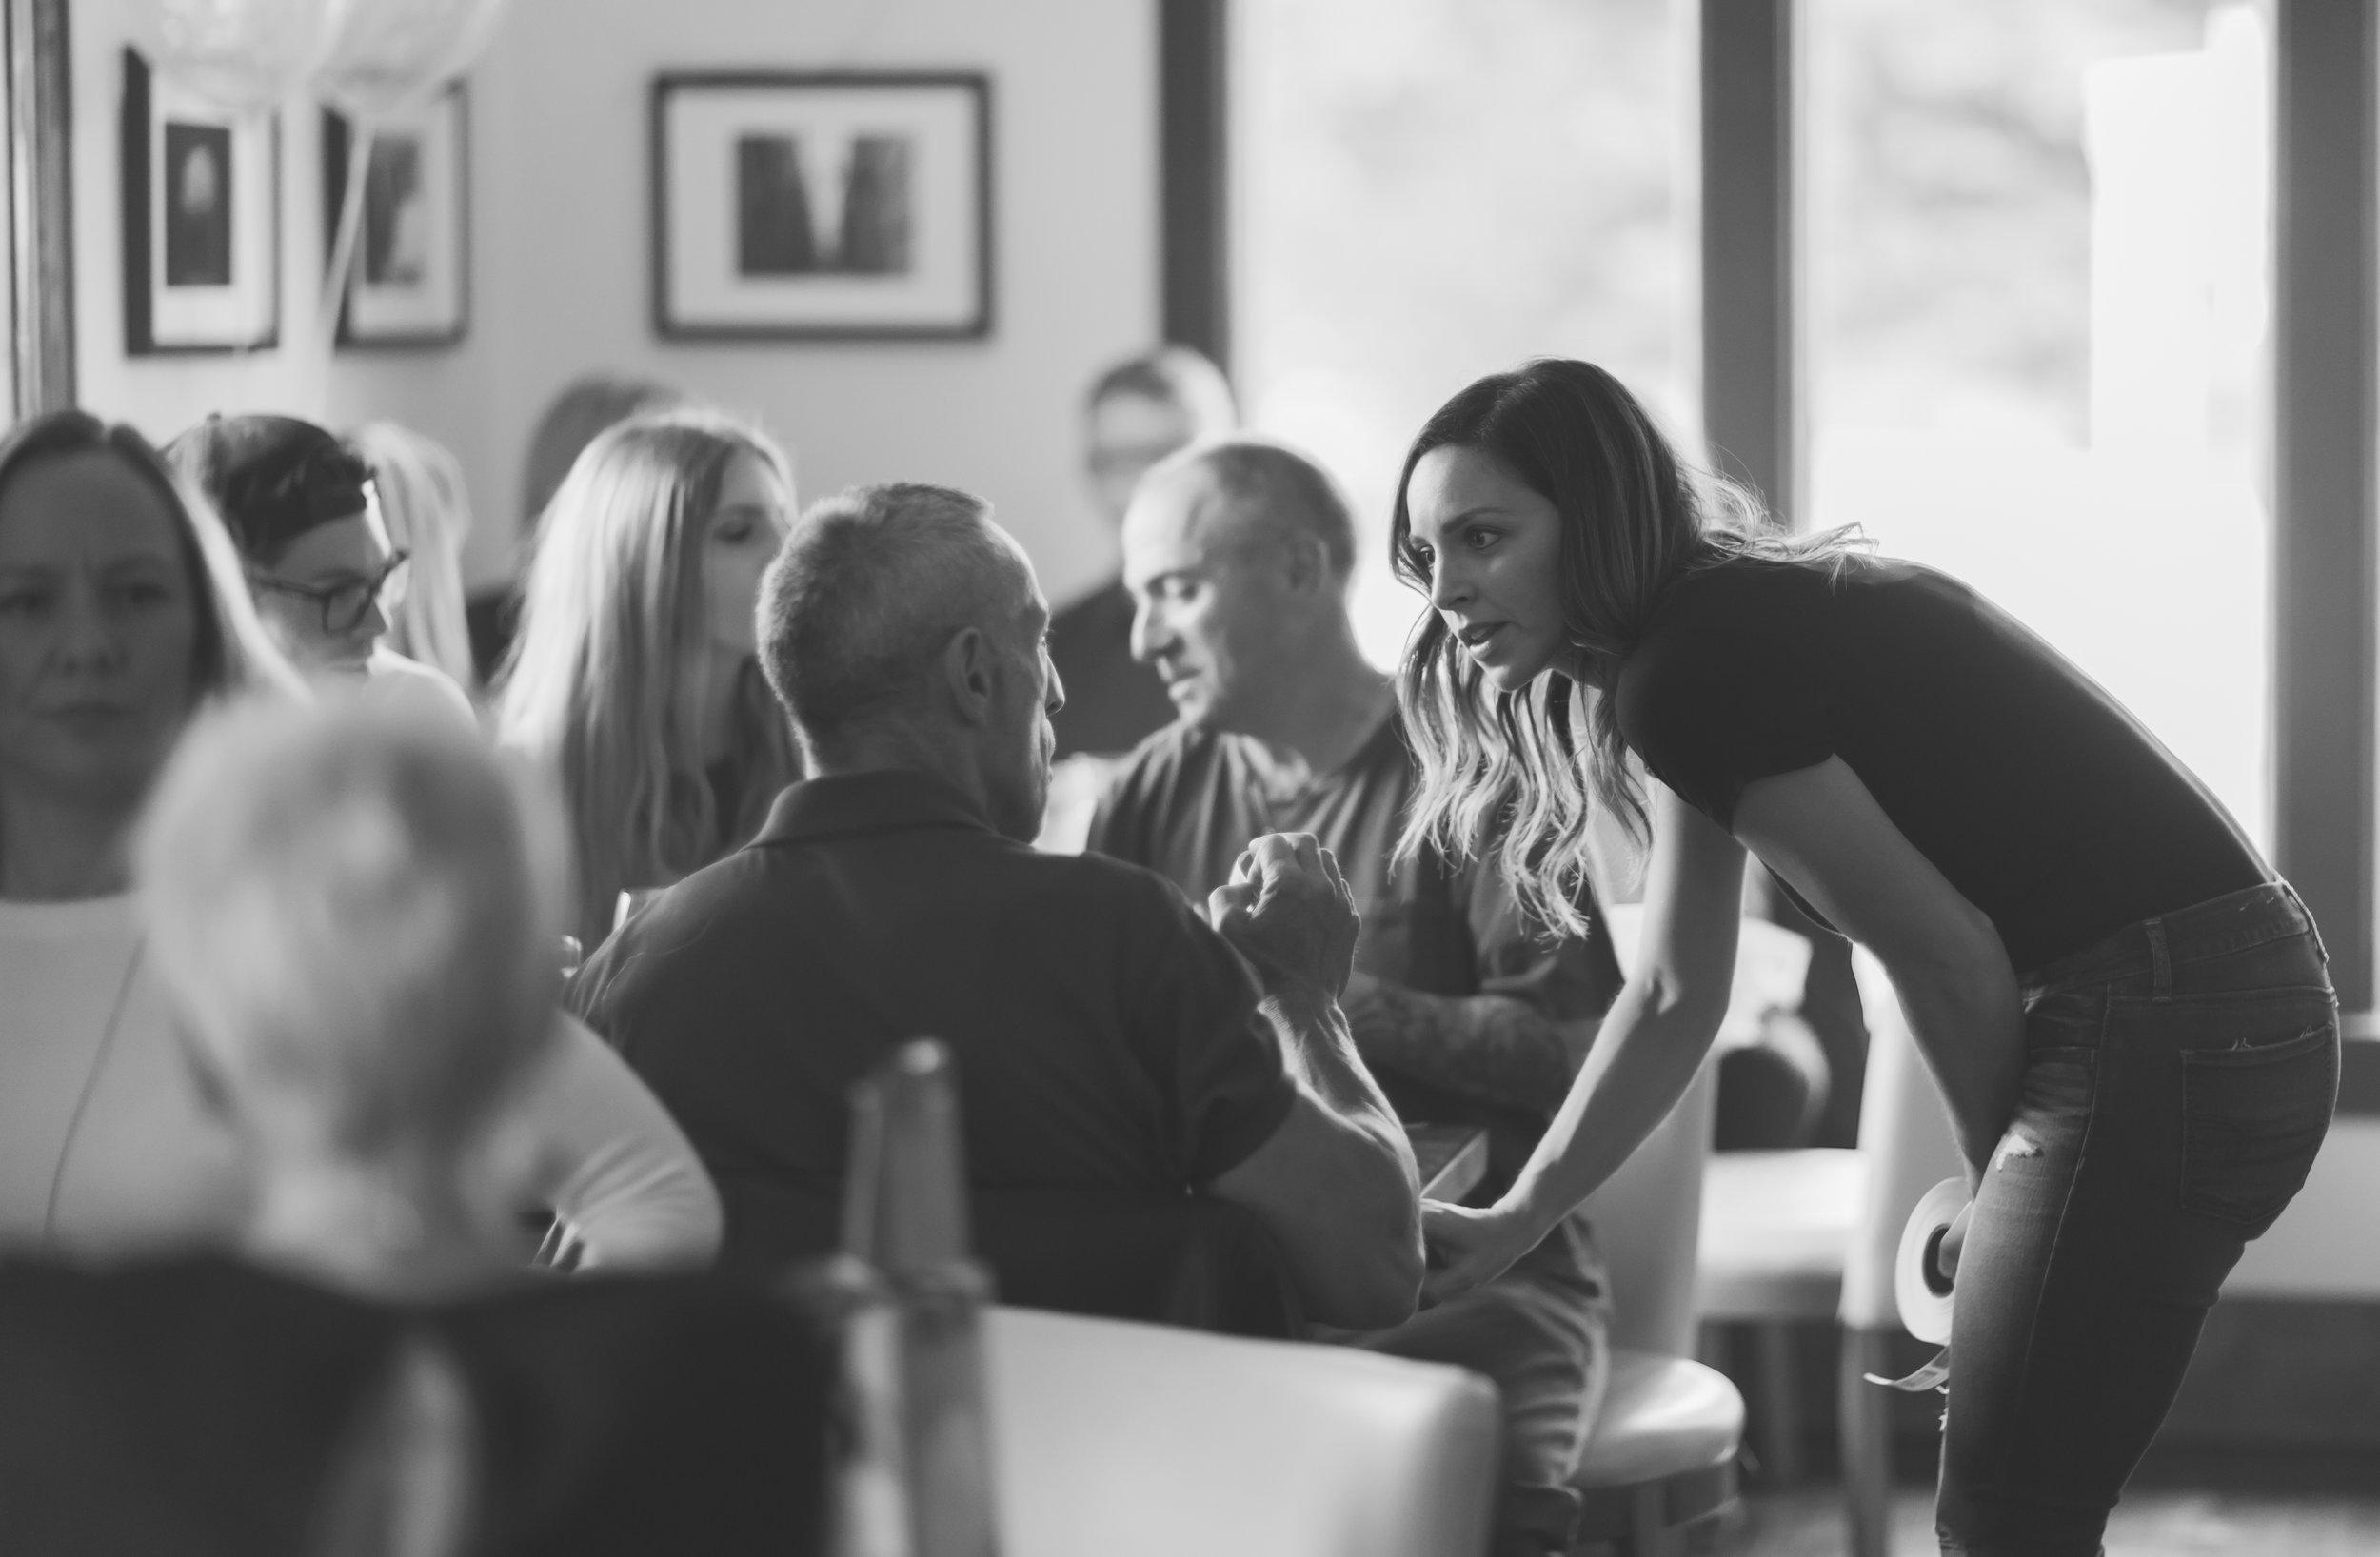 Tavernetta Calgary restaurant birthday